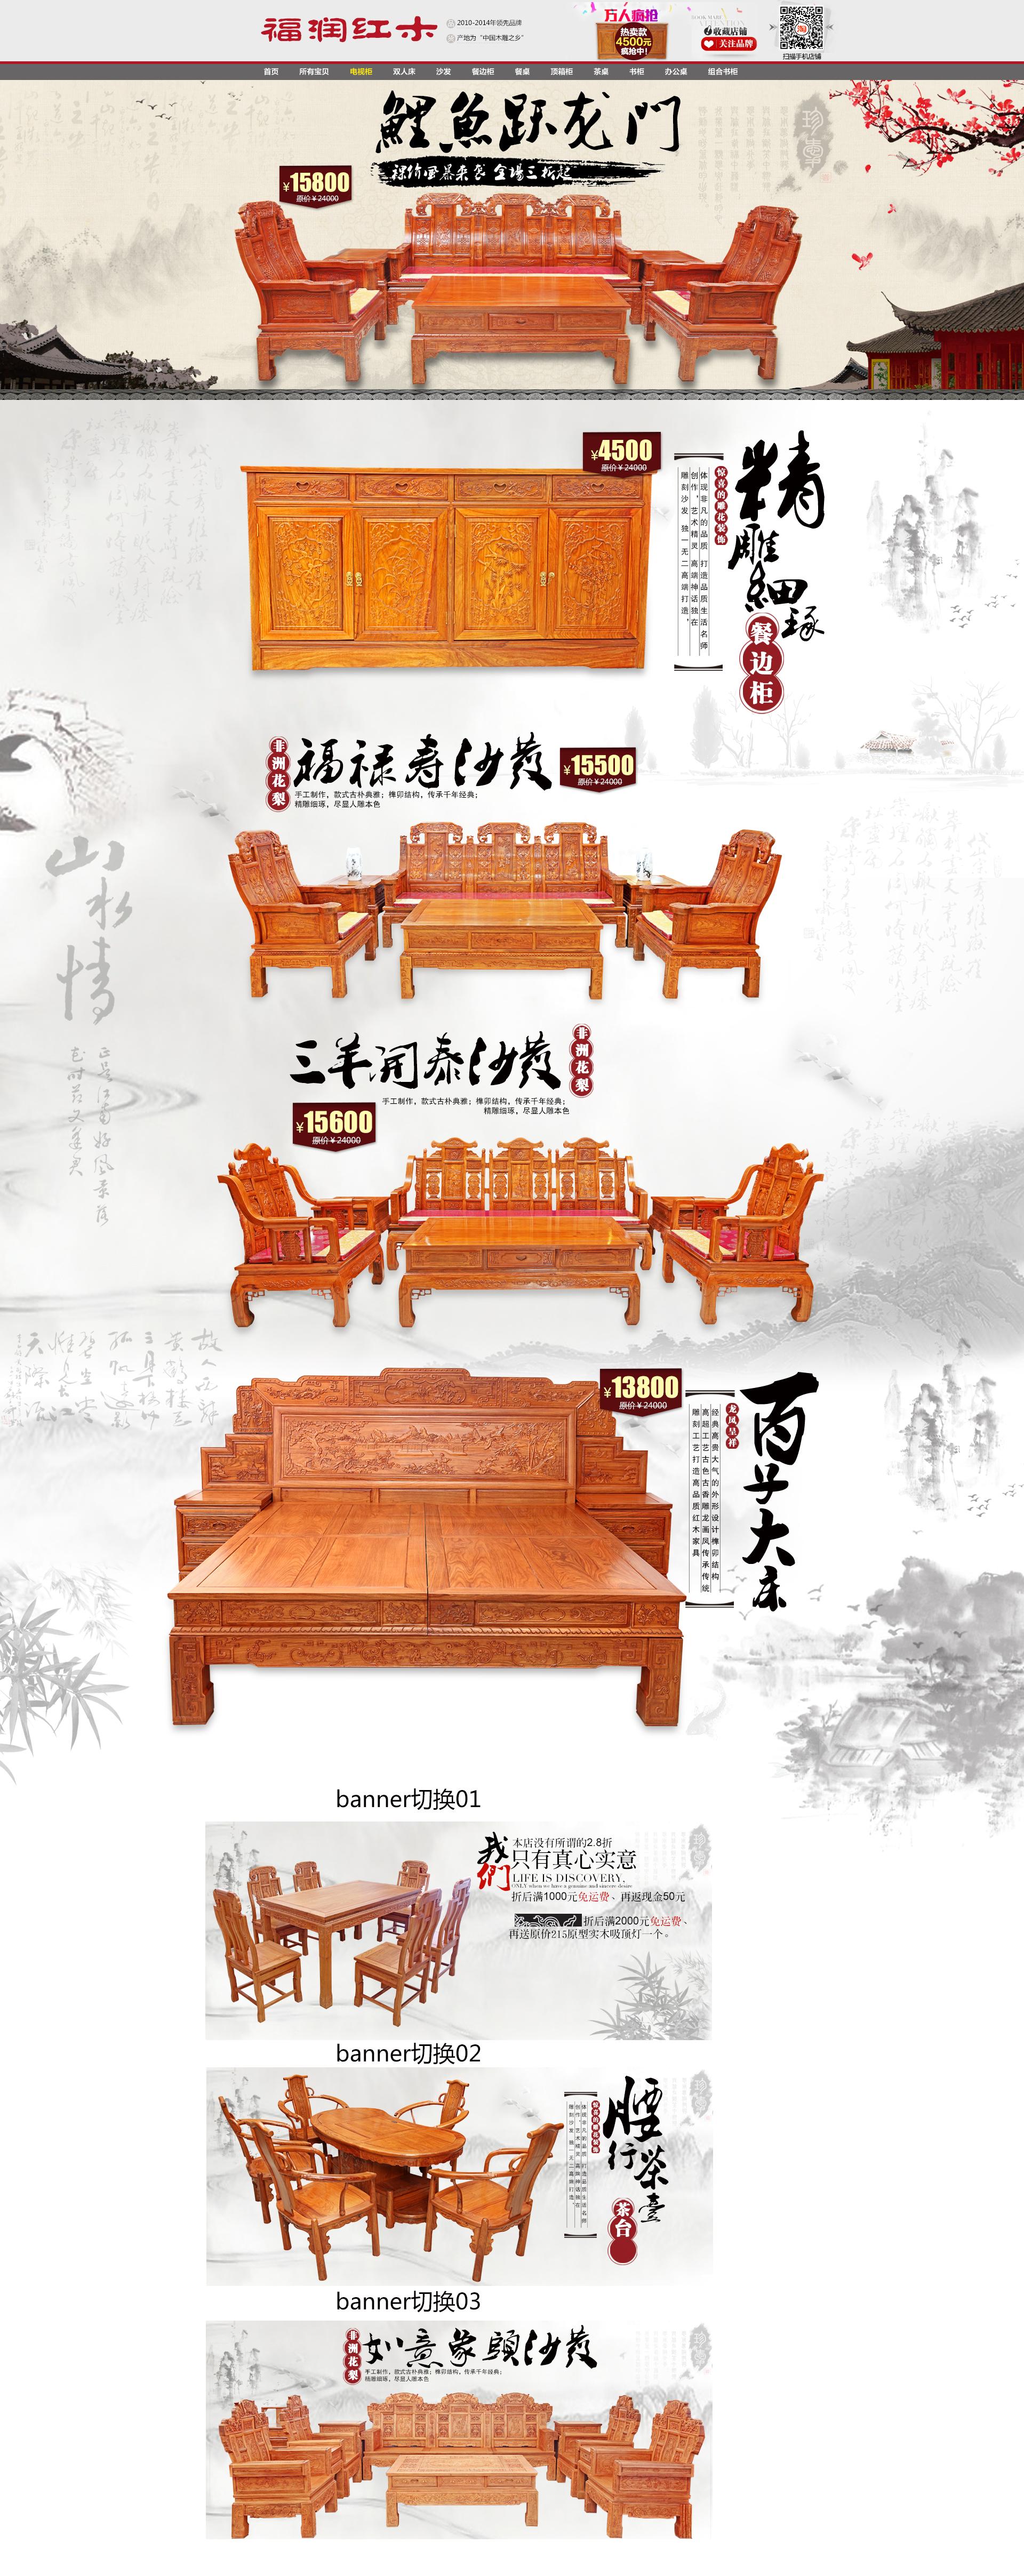 红木家具 中国风首页 专题 水墨画 书法 诗词 竹子 屋